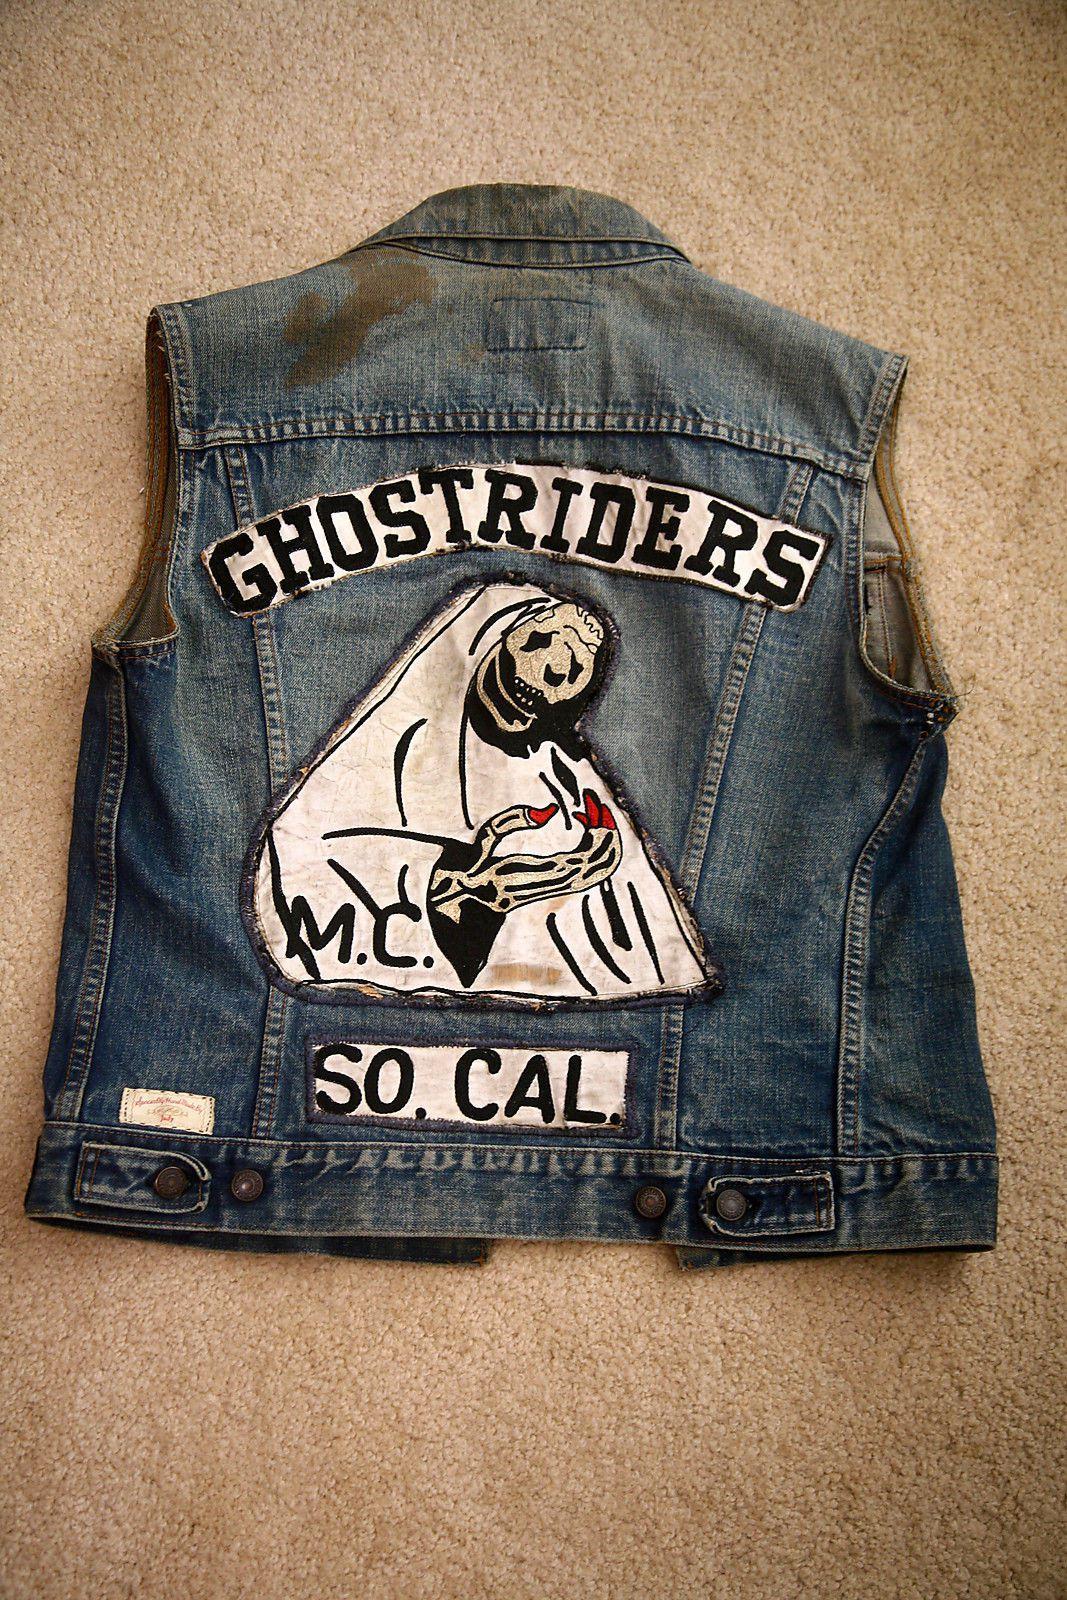 Vintage Motorcycle Club Vest Ghostriders Back Motorcycle Clubs Vintage Motorcycle Biker Clubs